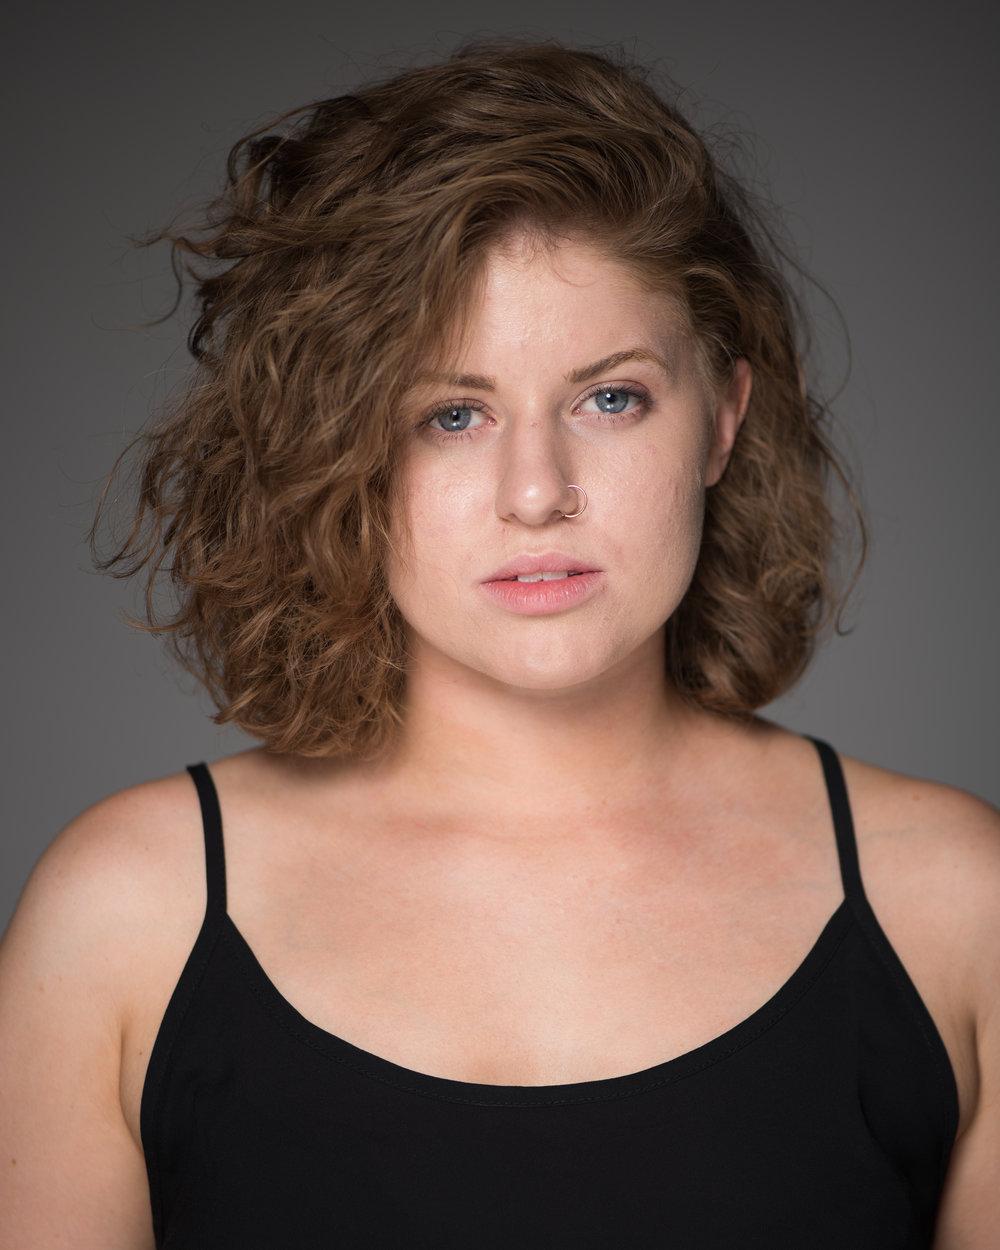 Rhiannon Mcqueen